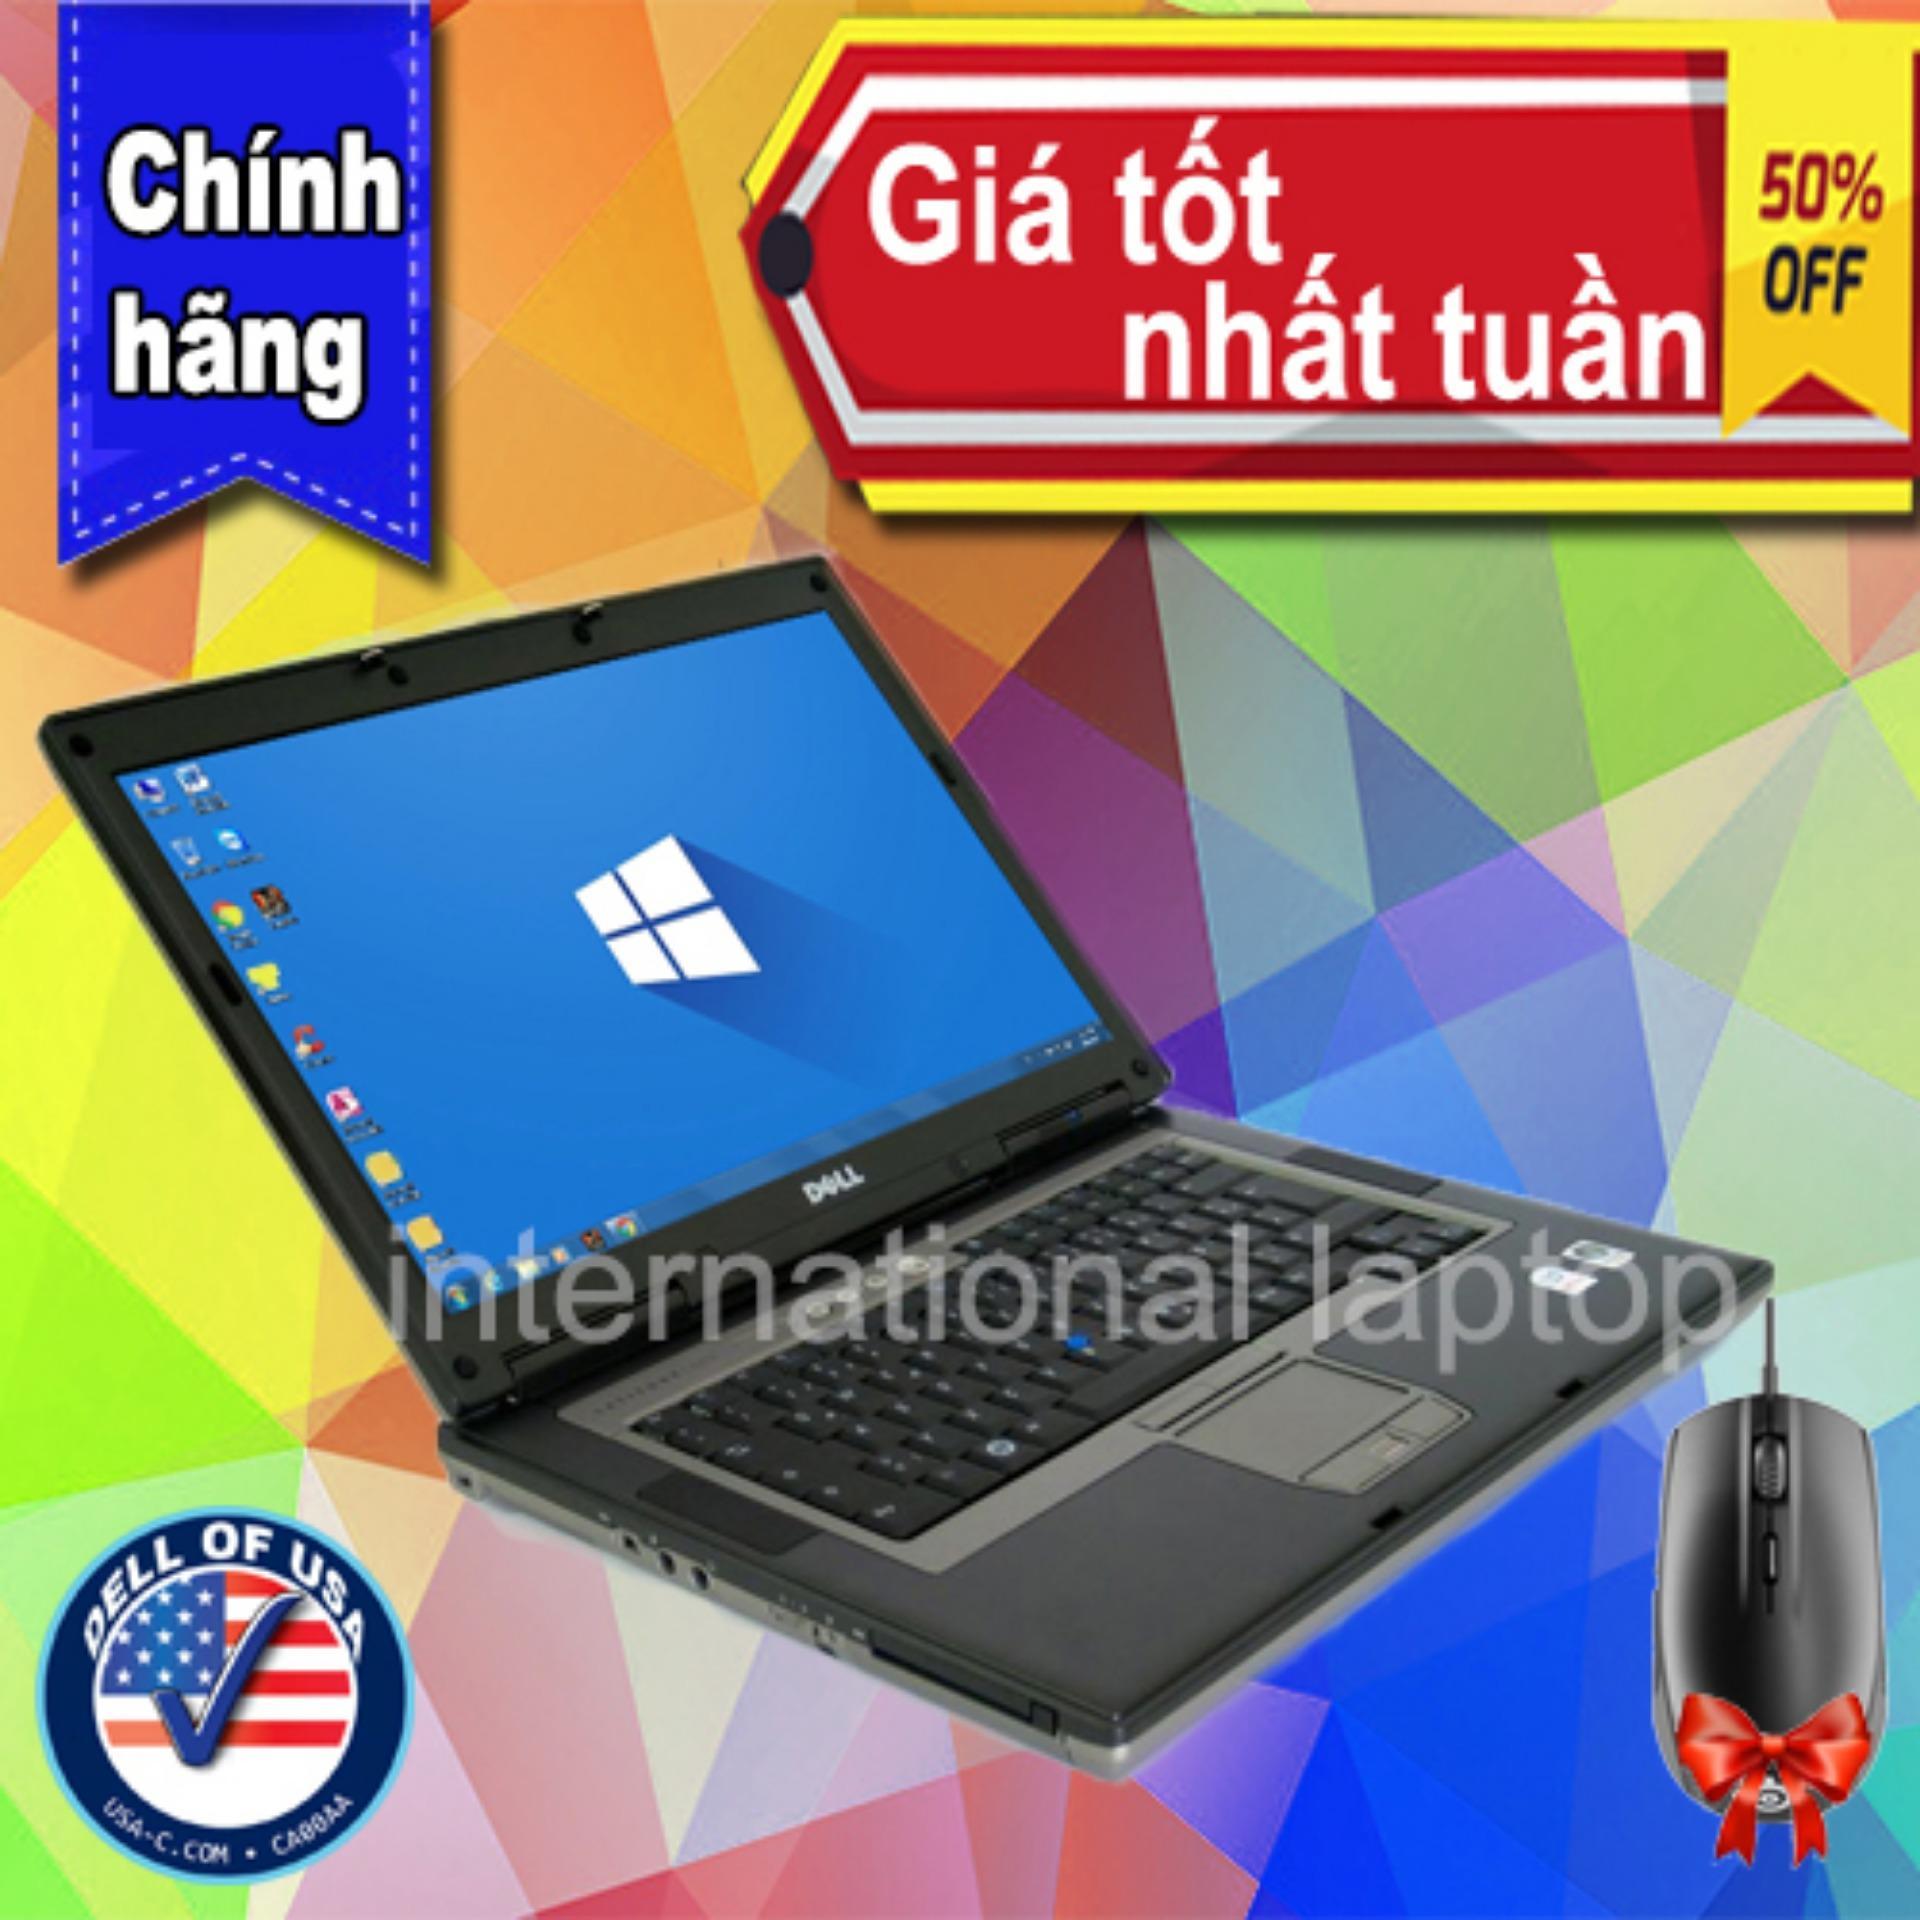 Bán Laptop Dell Latitude D830 C2 2 250 Hang Nhập Khẩu Có Thương Hiệu Nguyên